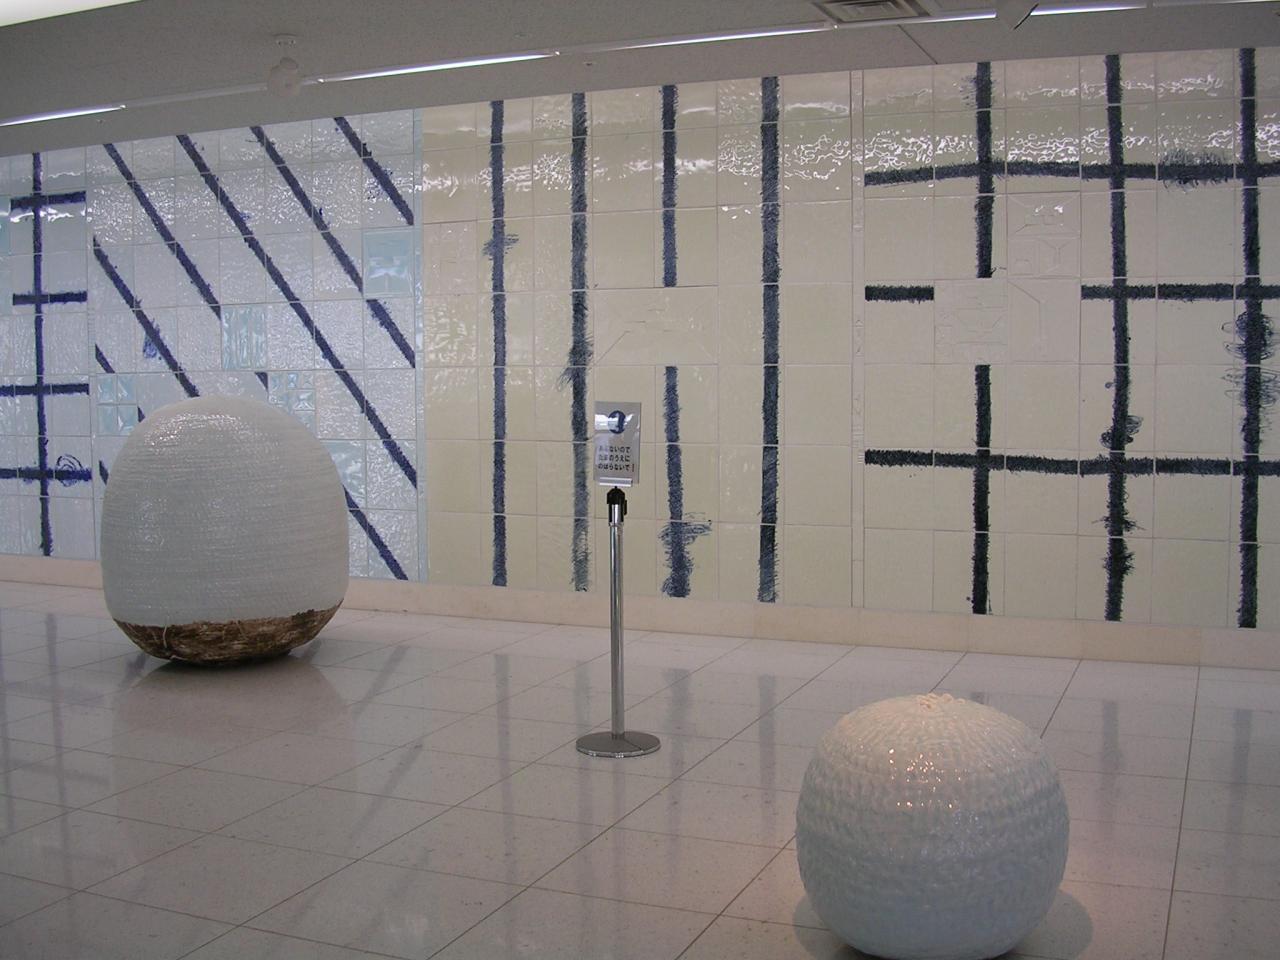 ターミナルビル1階のスペース